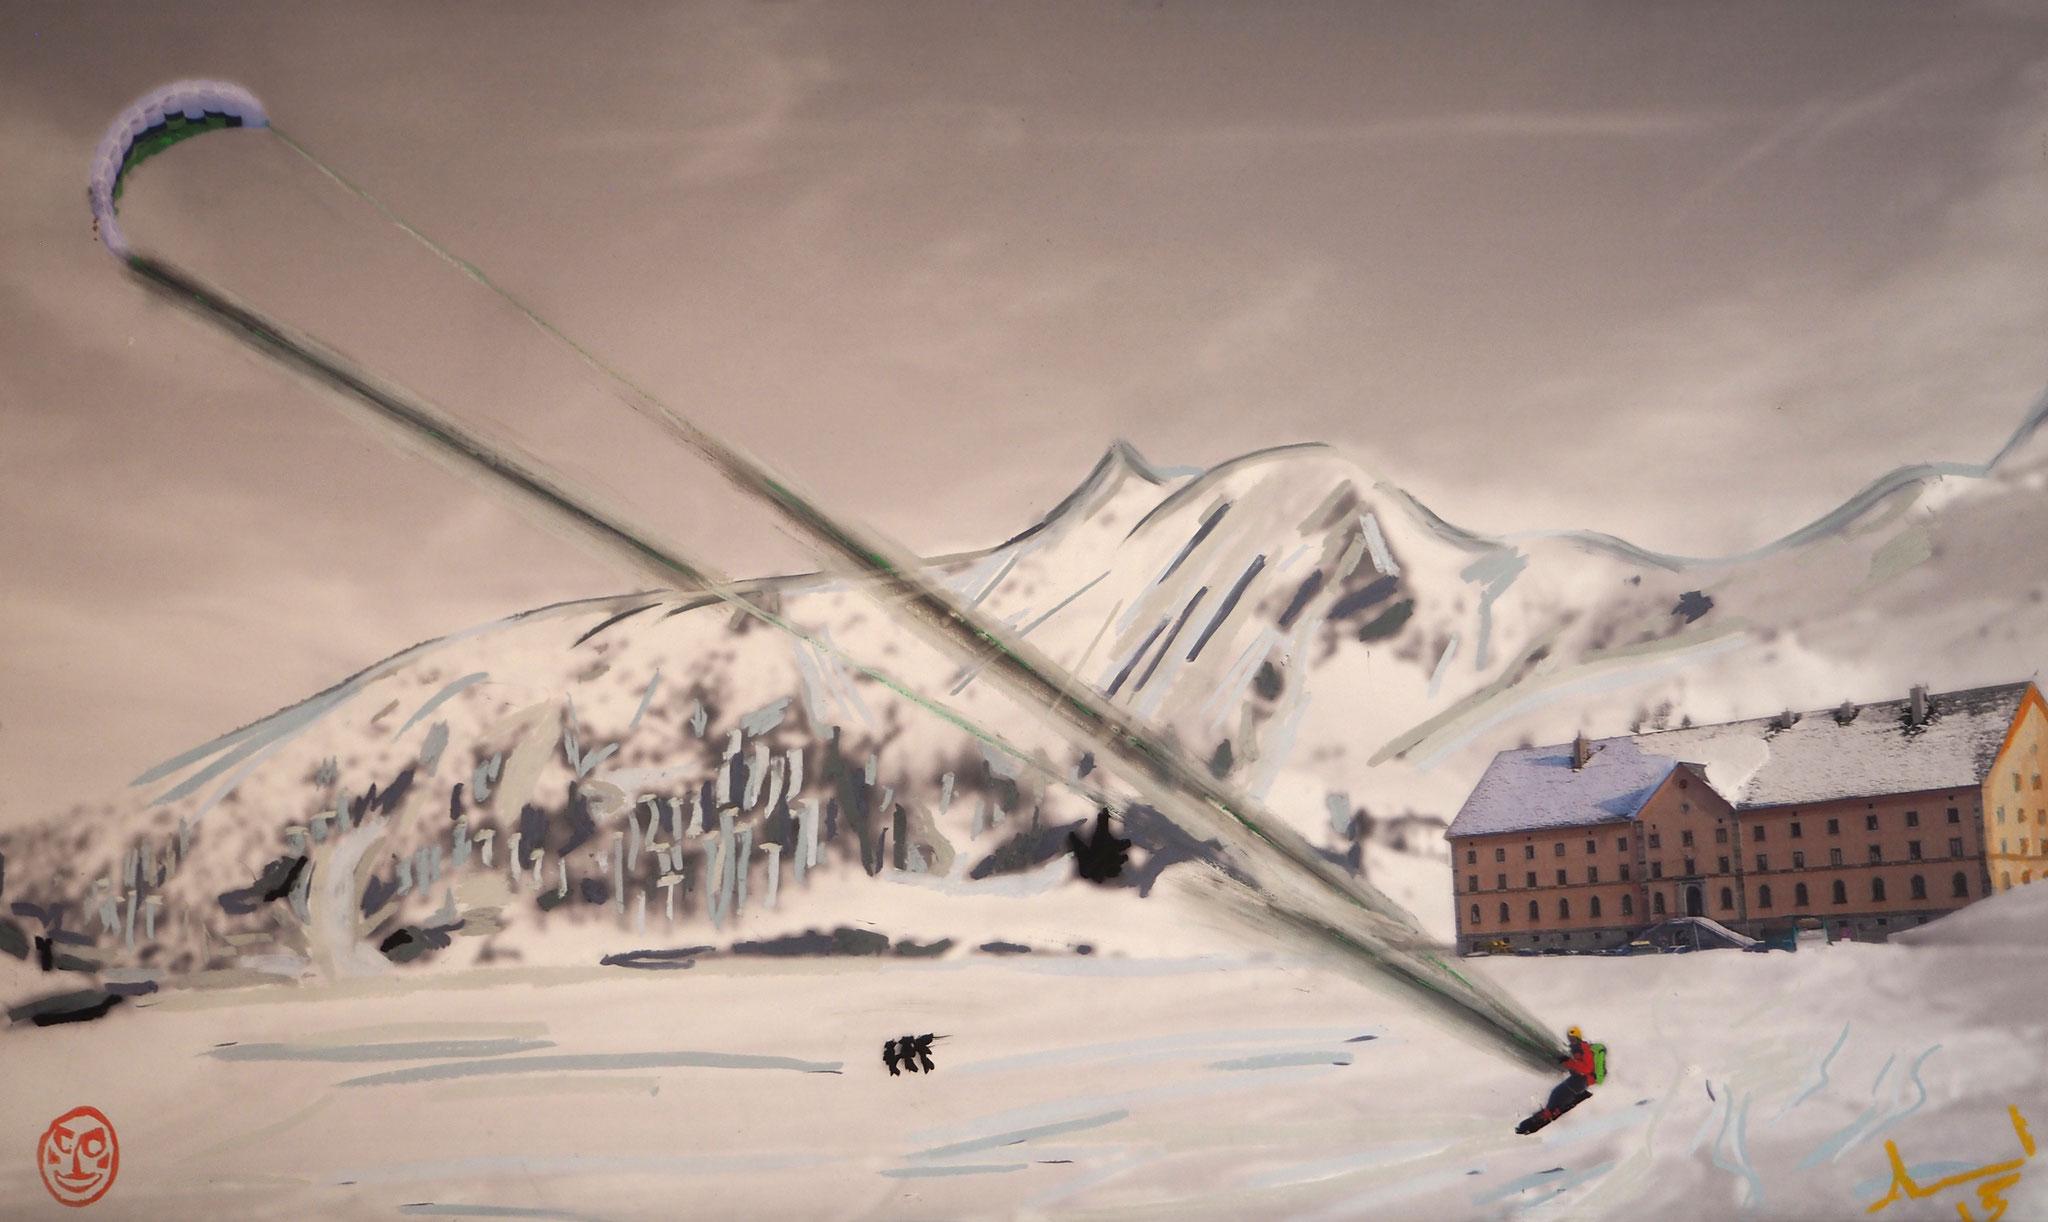 S_kite 100cmx60cm - Snowkiten Simplonpass 2000m